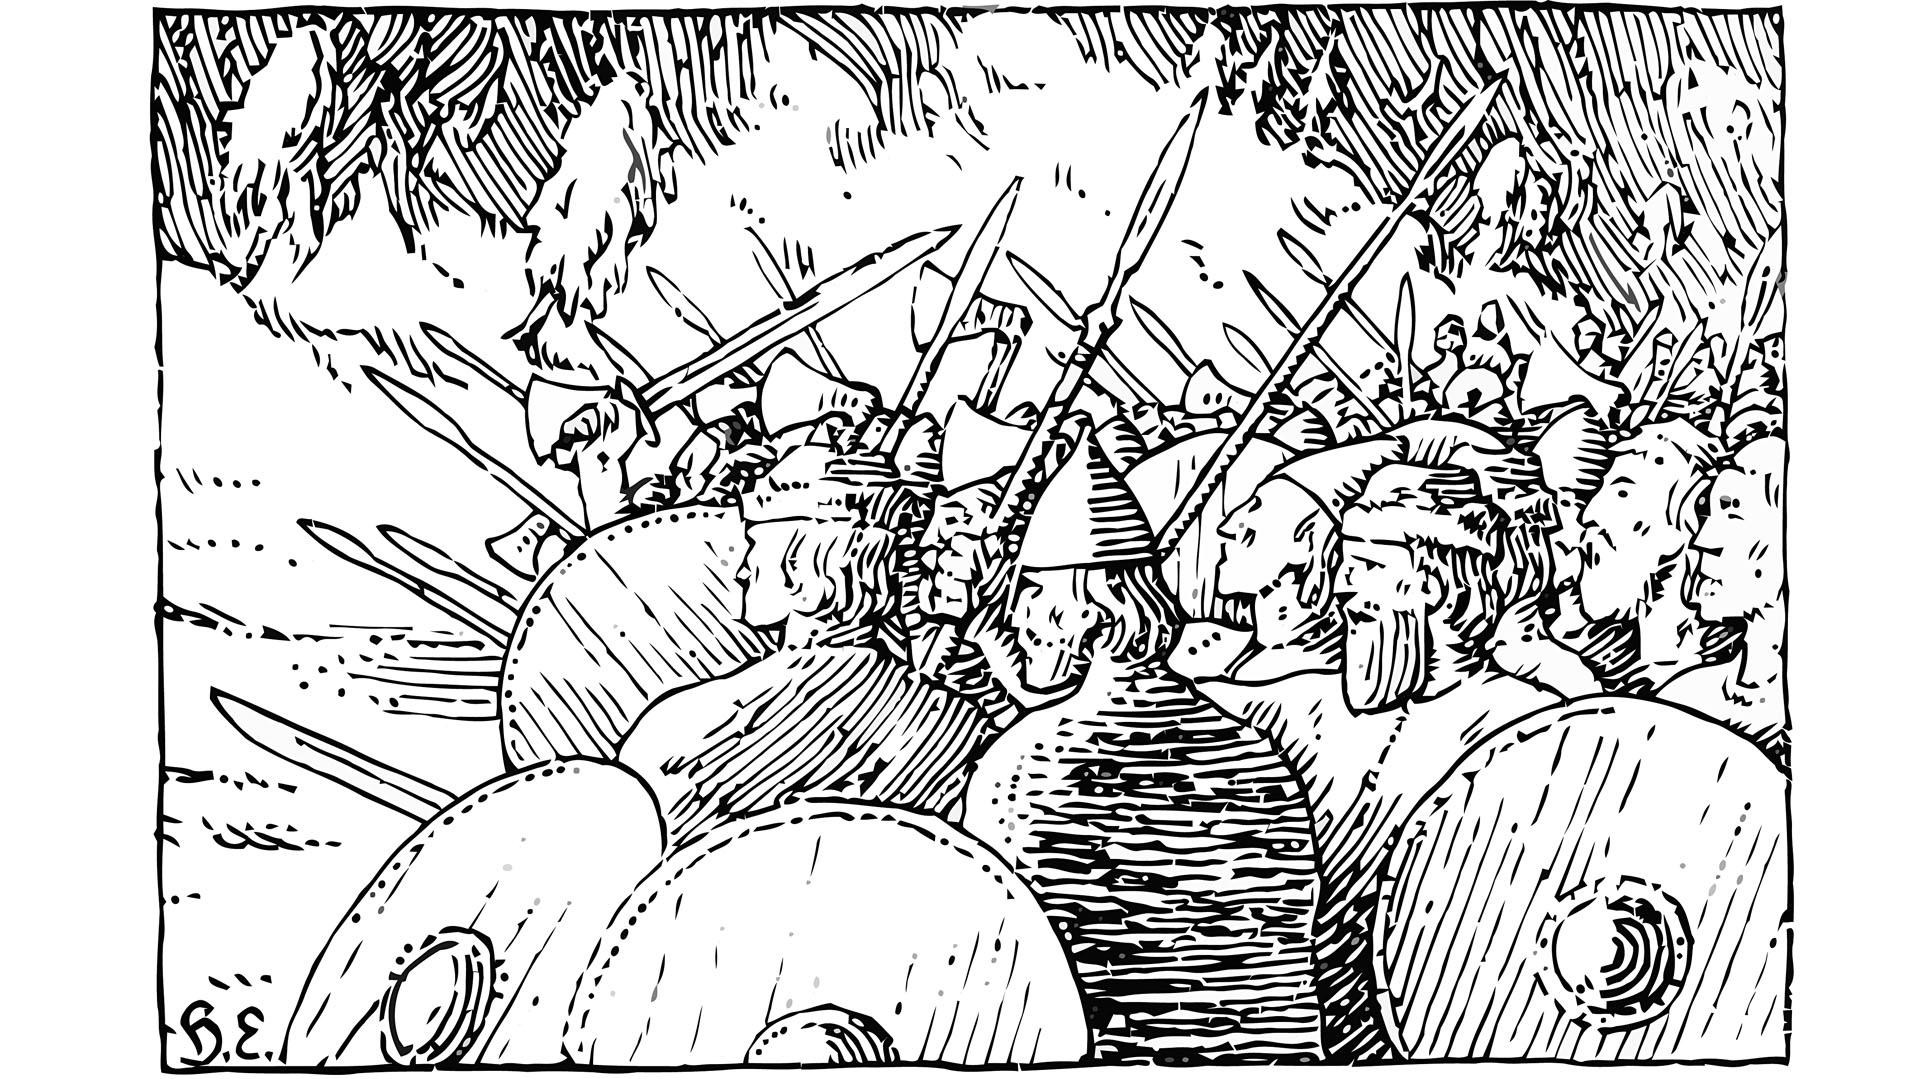 El coraje guerrero era un tema recurrente en Borges